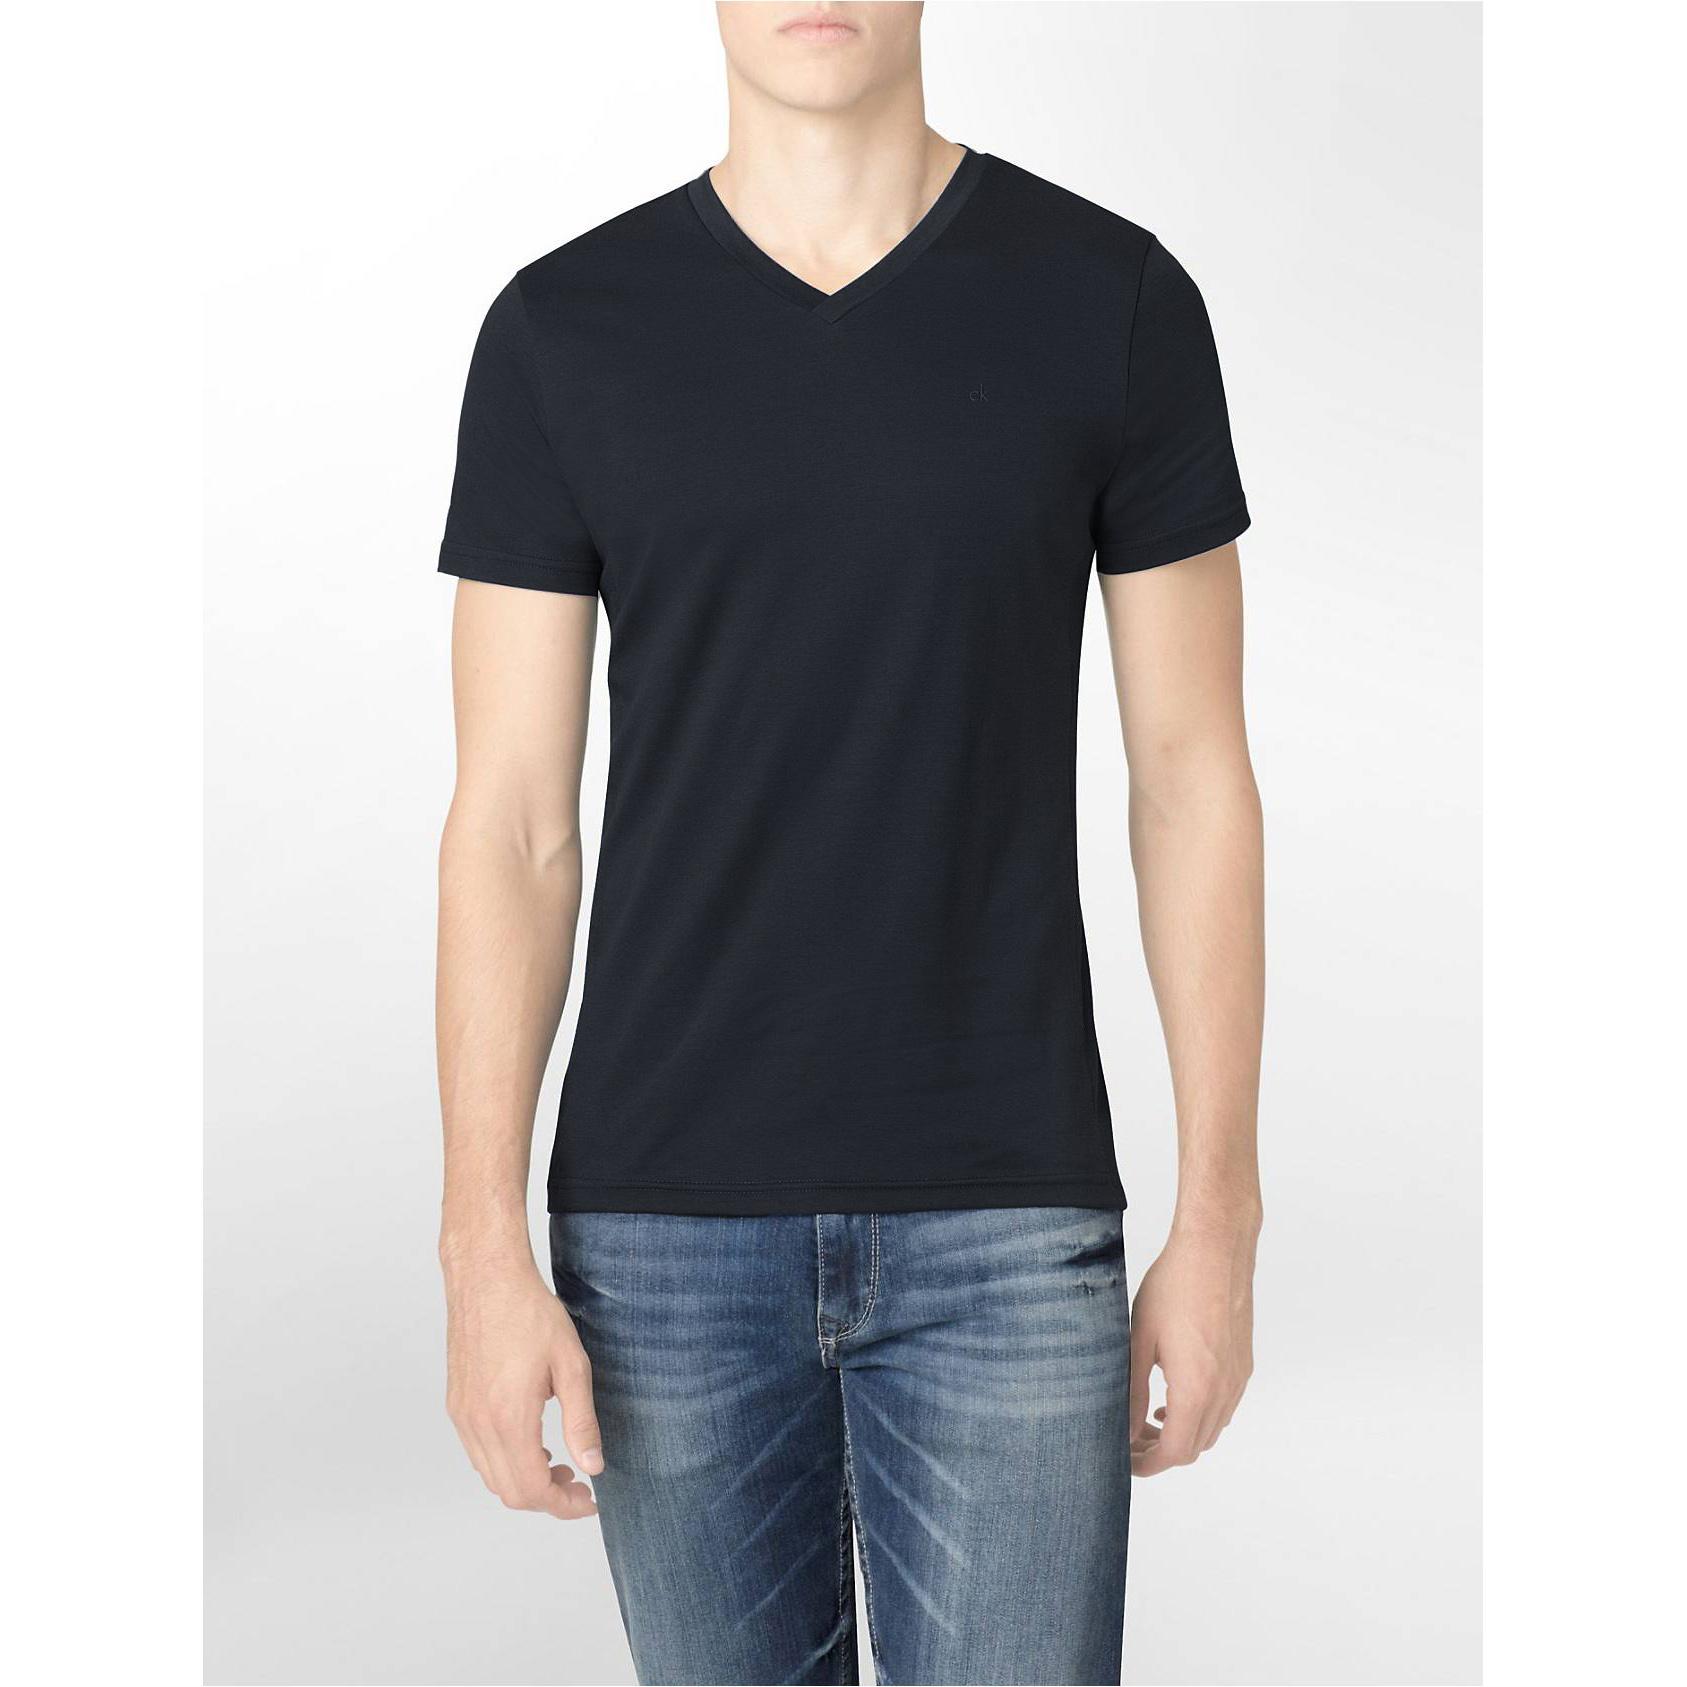 美國百分百【Calvin Klein】T恤 CK logo 短袖 T-shirt 短T 素面 V領 黑色 修身 XS號 F619